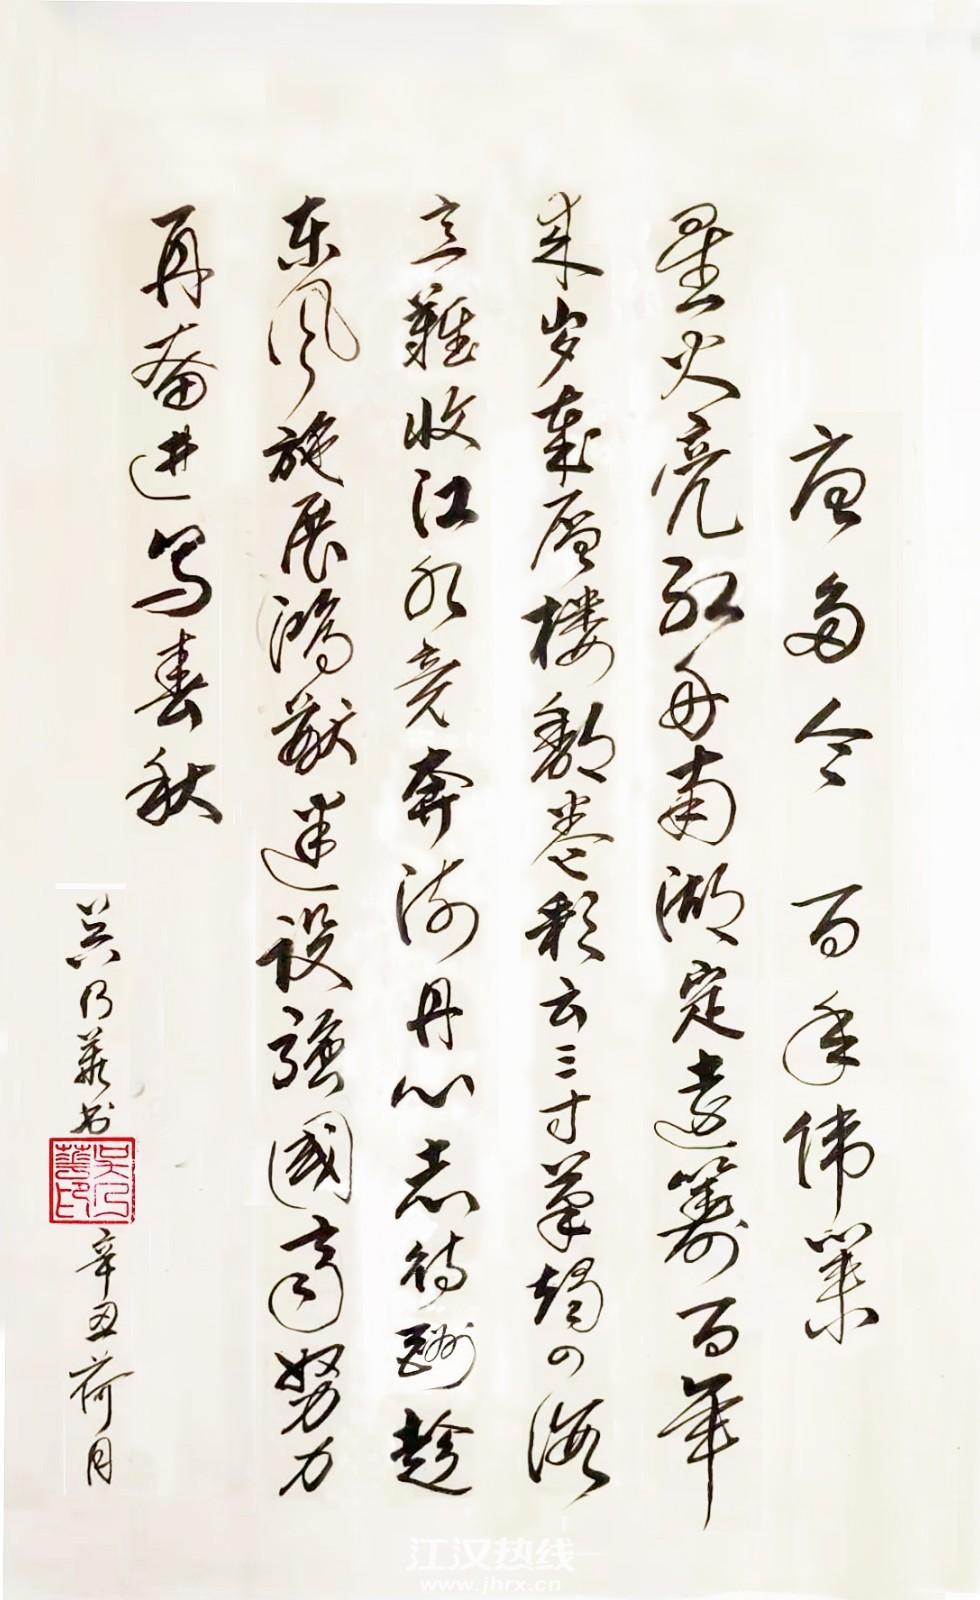 2021.06.24.唐多令 百年伟业.jpg